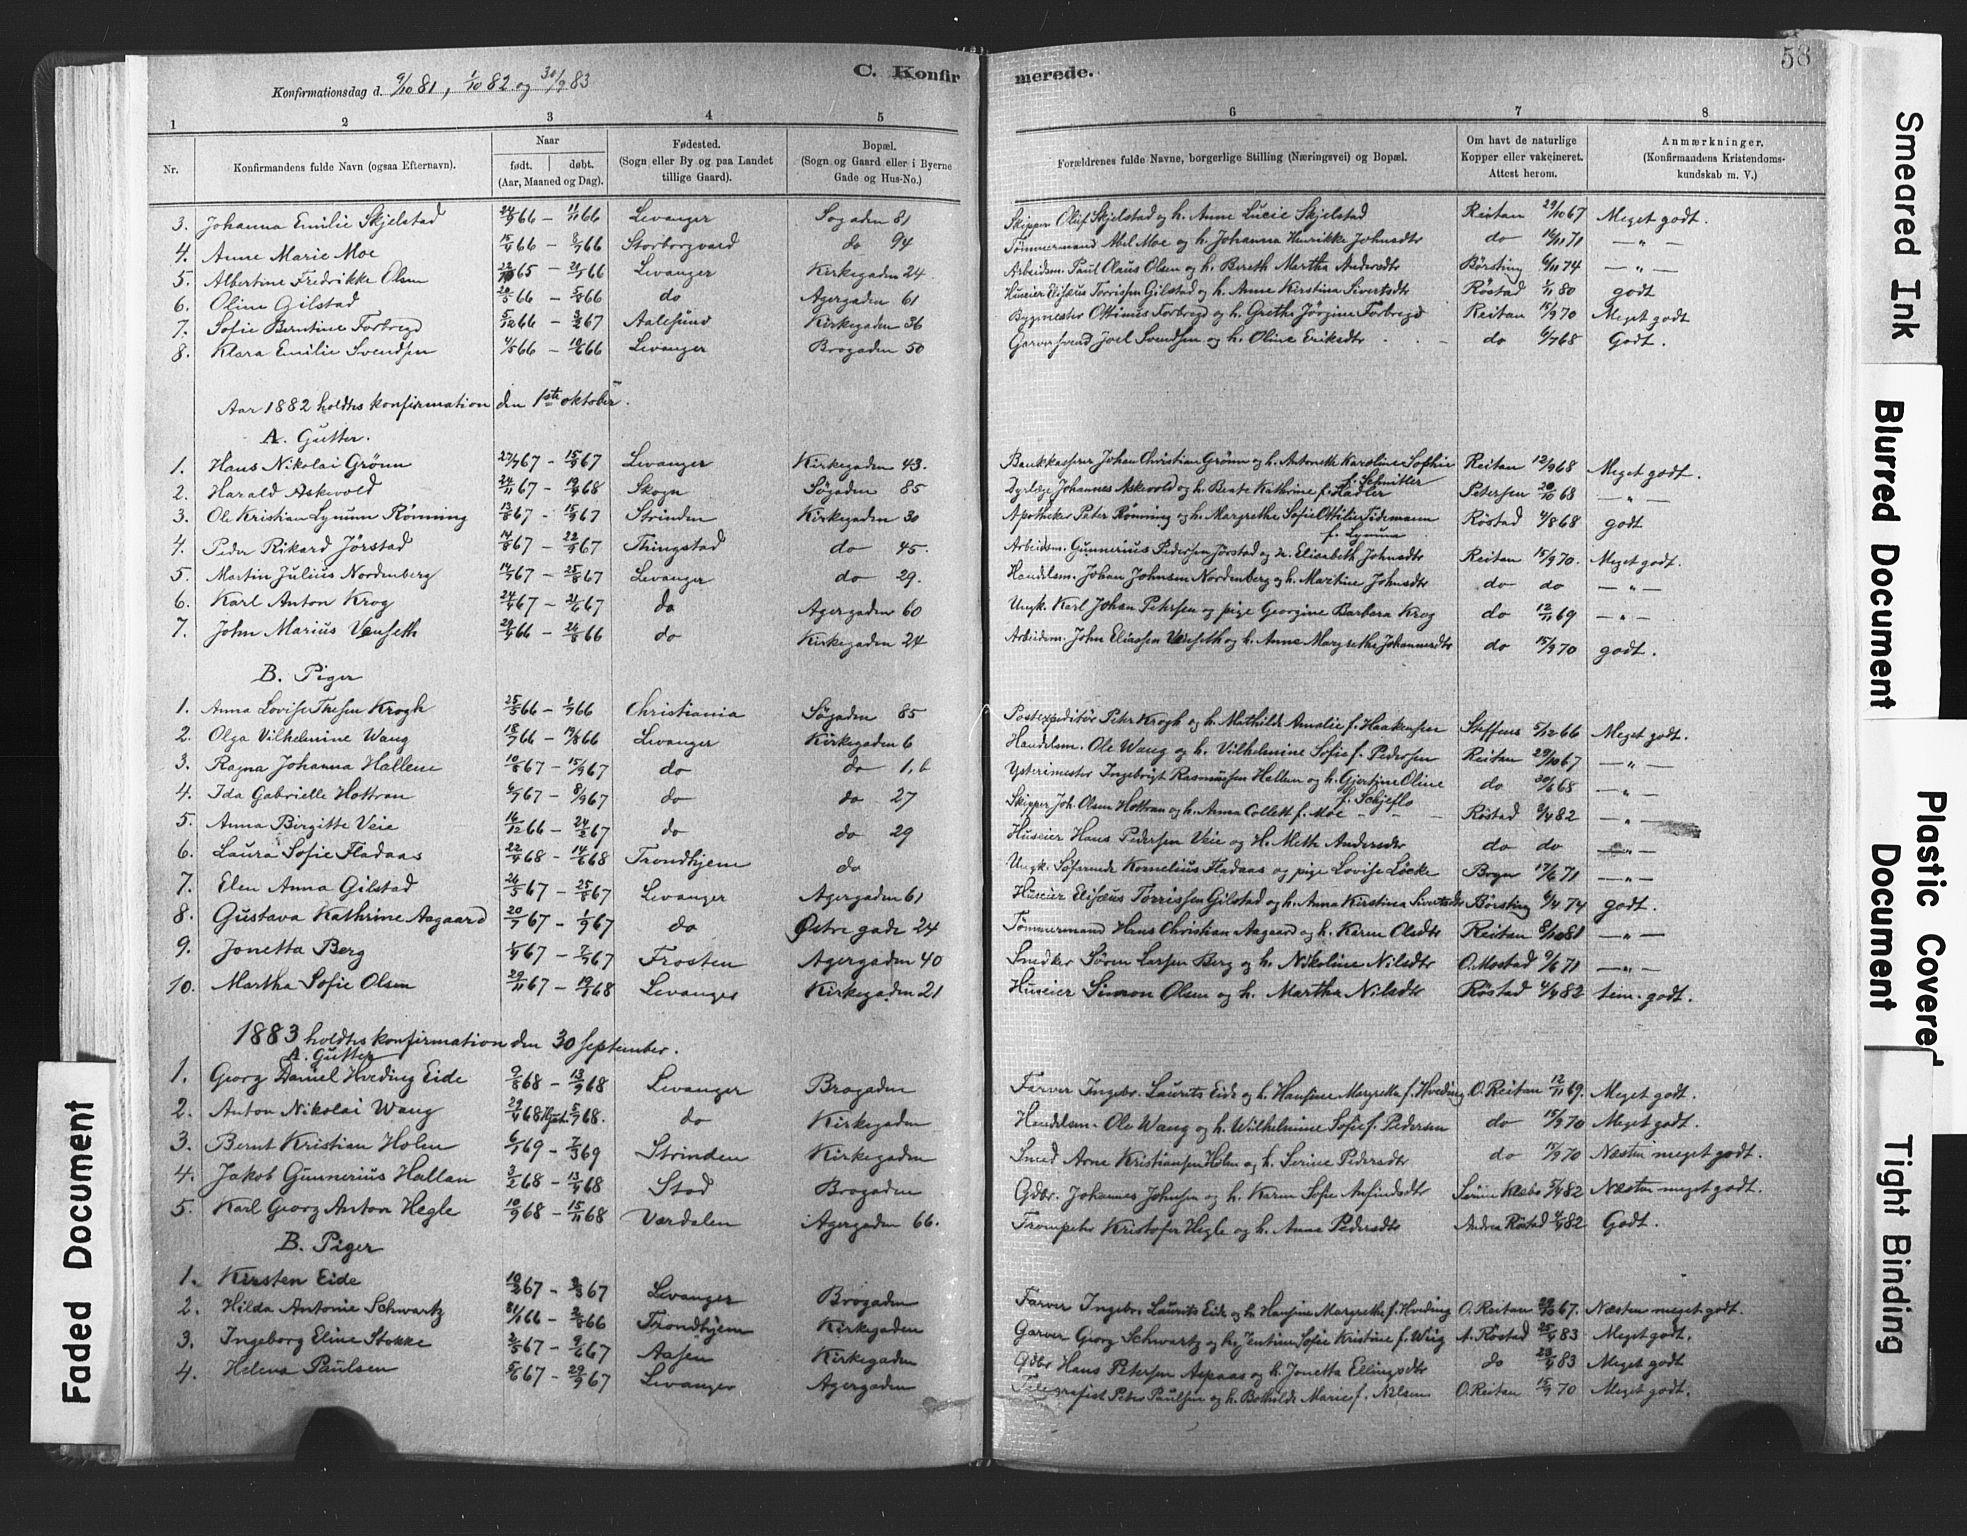 SAT, Ministerialprotokoller, klokkerbøker og fødselsregistre - Nord-Trøndelag, 720/L0189: Ministerialbok nr. 720A05, 1880-1911, s. 58